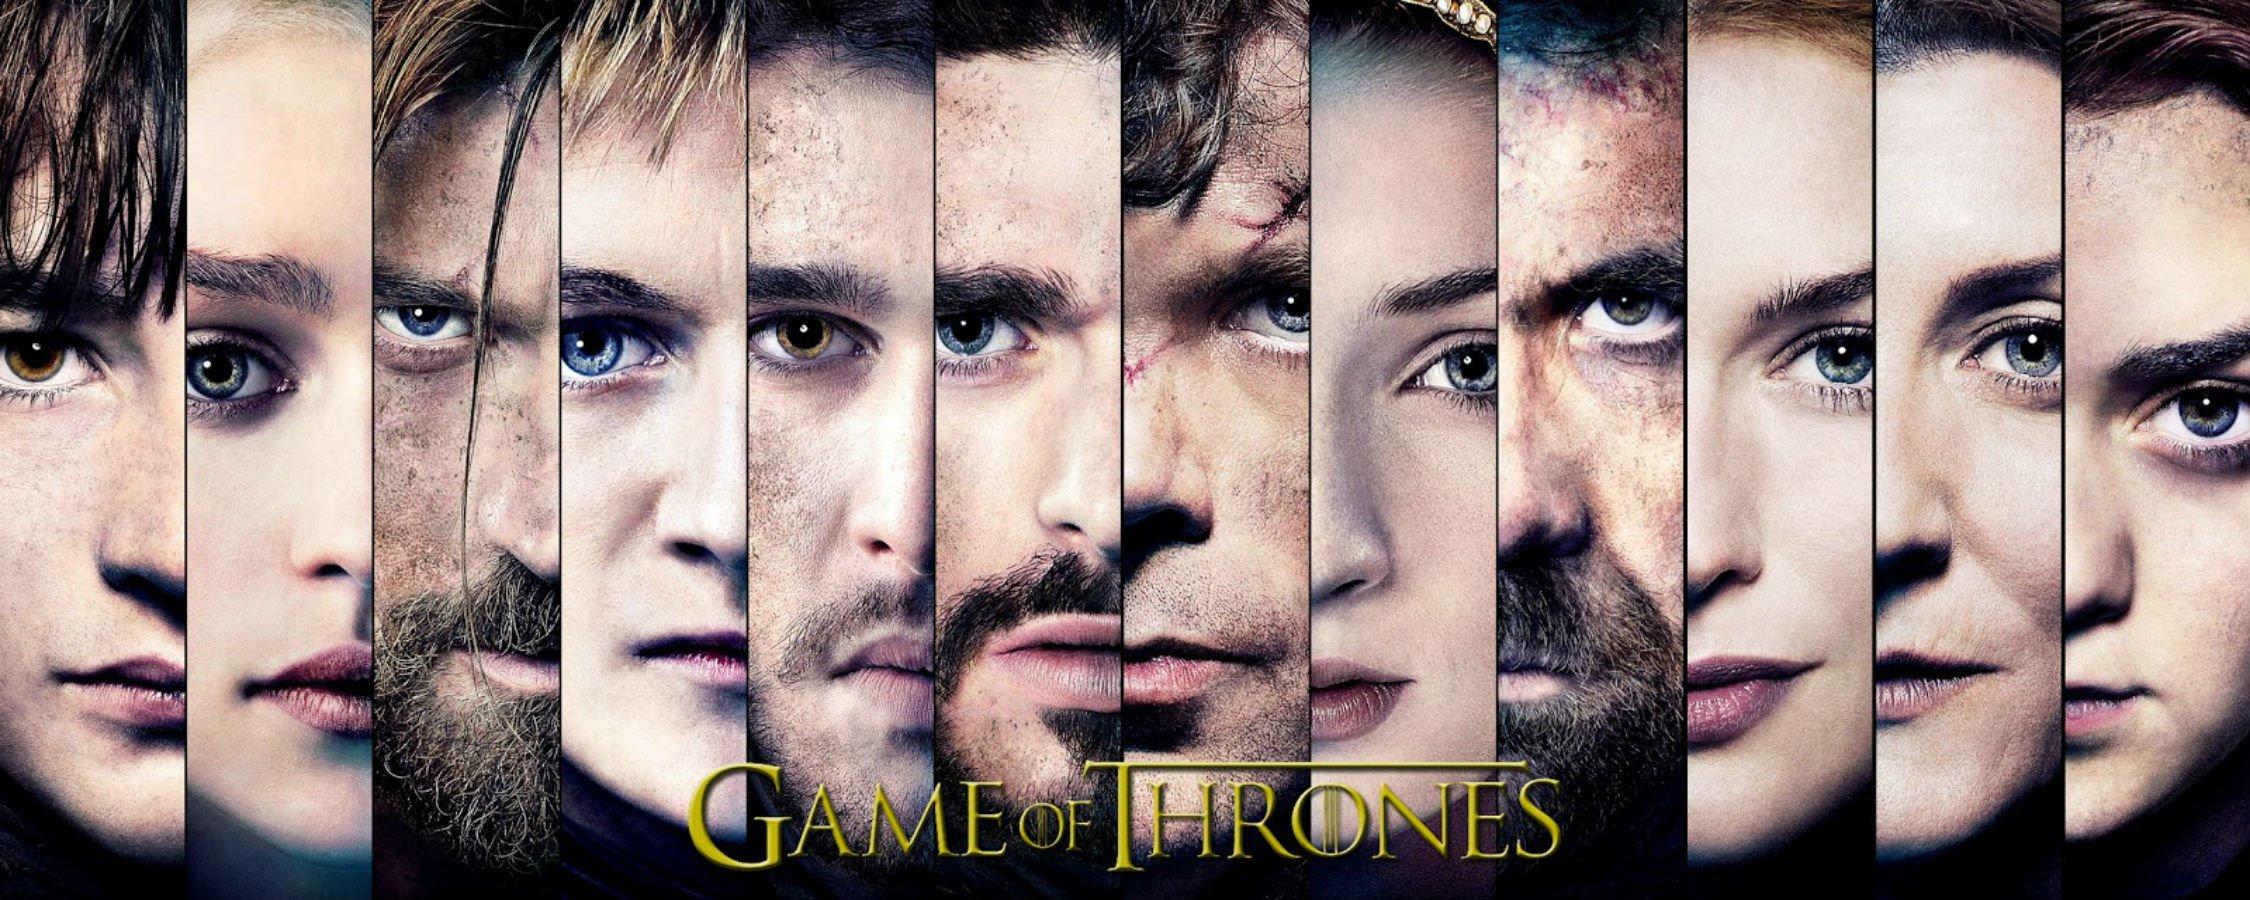 Games of Thrones filmará su nueva temporada en territorio mexicano y entre los estados seleccionados se encuentra Oaxaca!